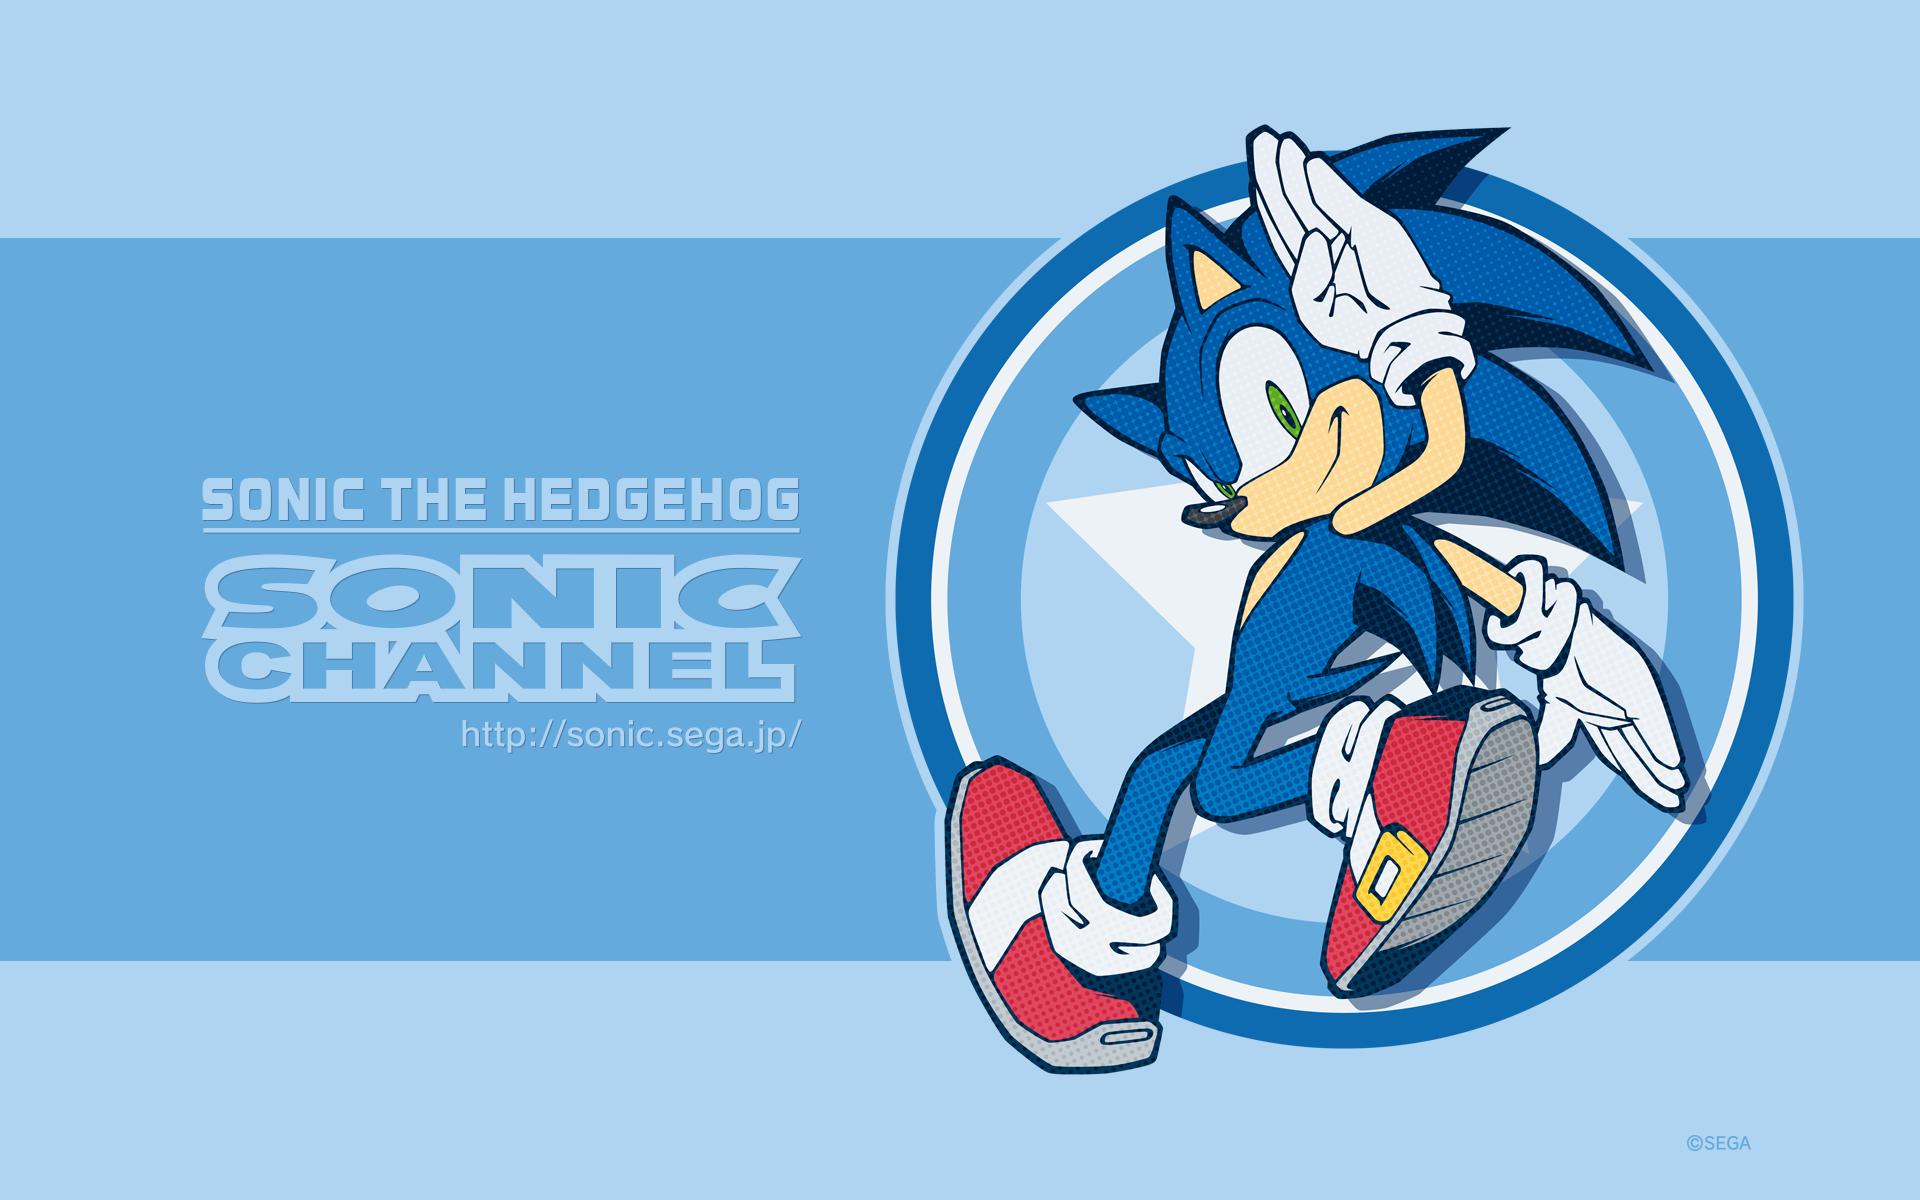 http://sonic.sega.jp/SonicChannel/enjoy/image/wallpaper_162_sonic_21_pc.png